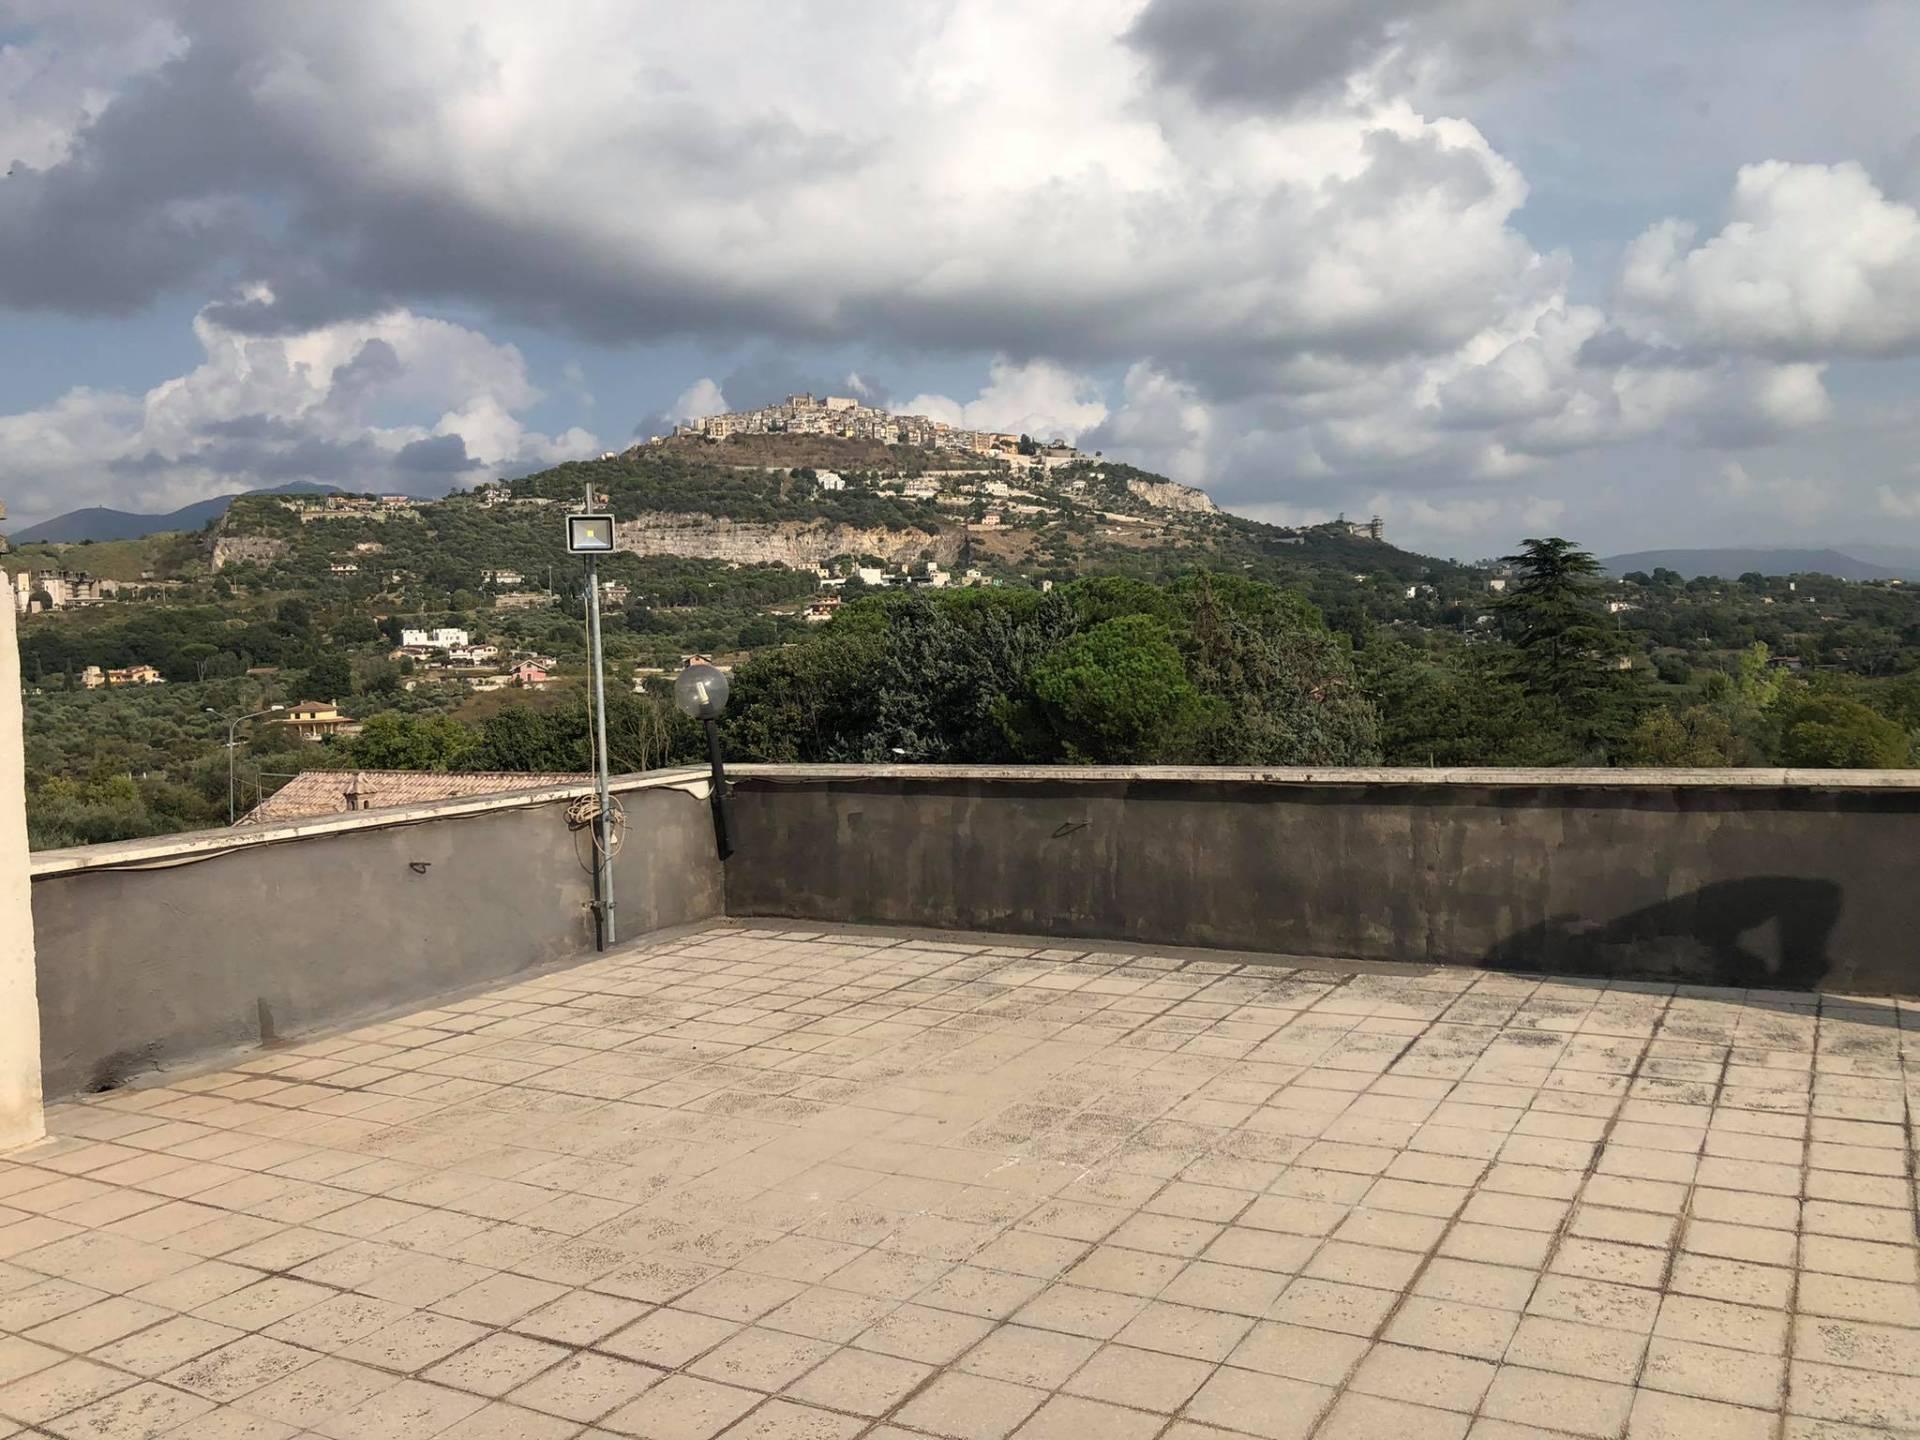 Appartamento in vendita a Sant'Angelo Romano, 7 locali, zona Località: PontedelleTavole, prezzo € 99.000 | CambioCasa.it